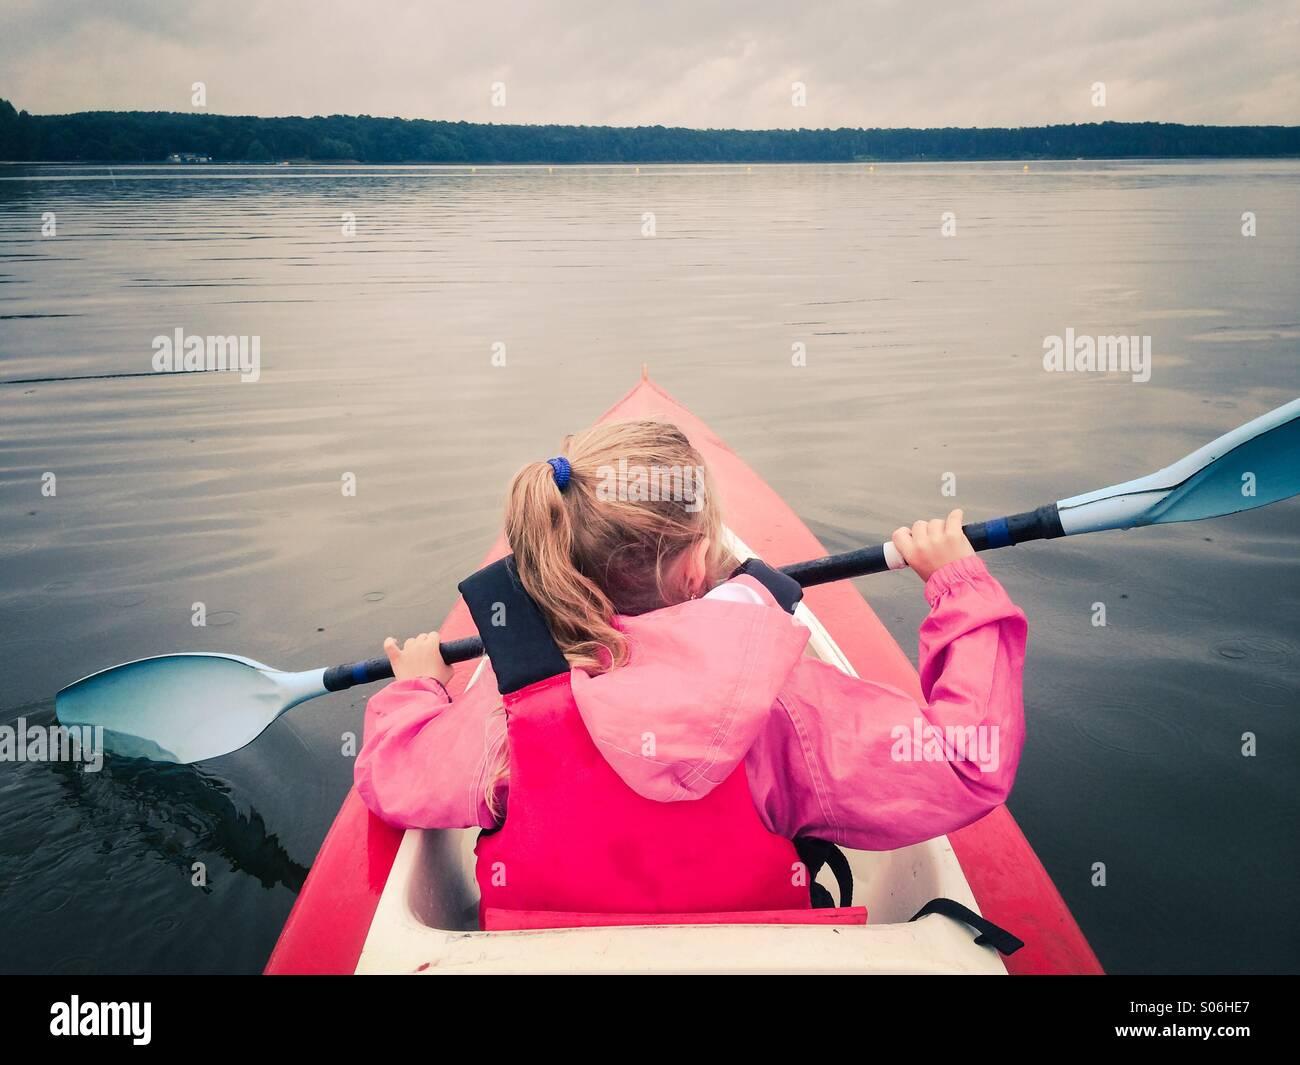 Kleines Mädchen im Kajak auf dem See Stockbild